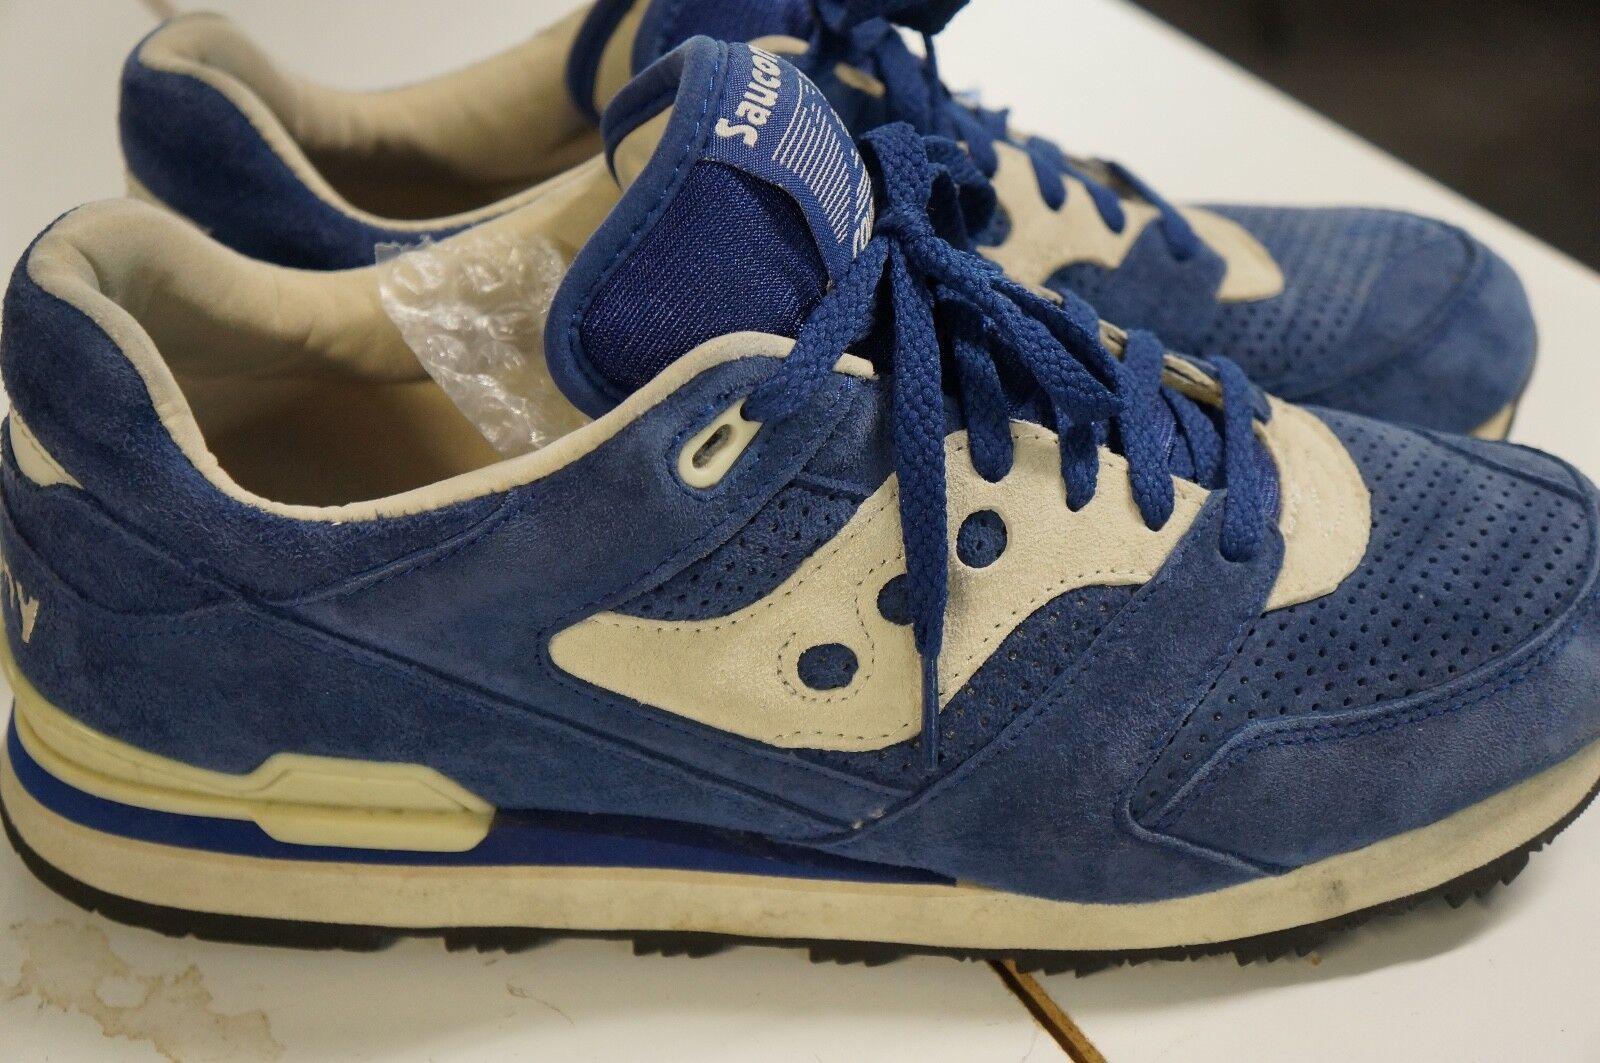 Saucony Originals Men's Courageous Sneakers shoes Suede Navy Gum color Size 12